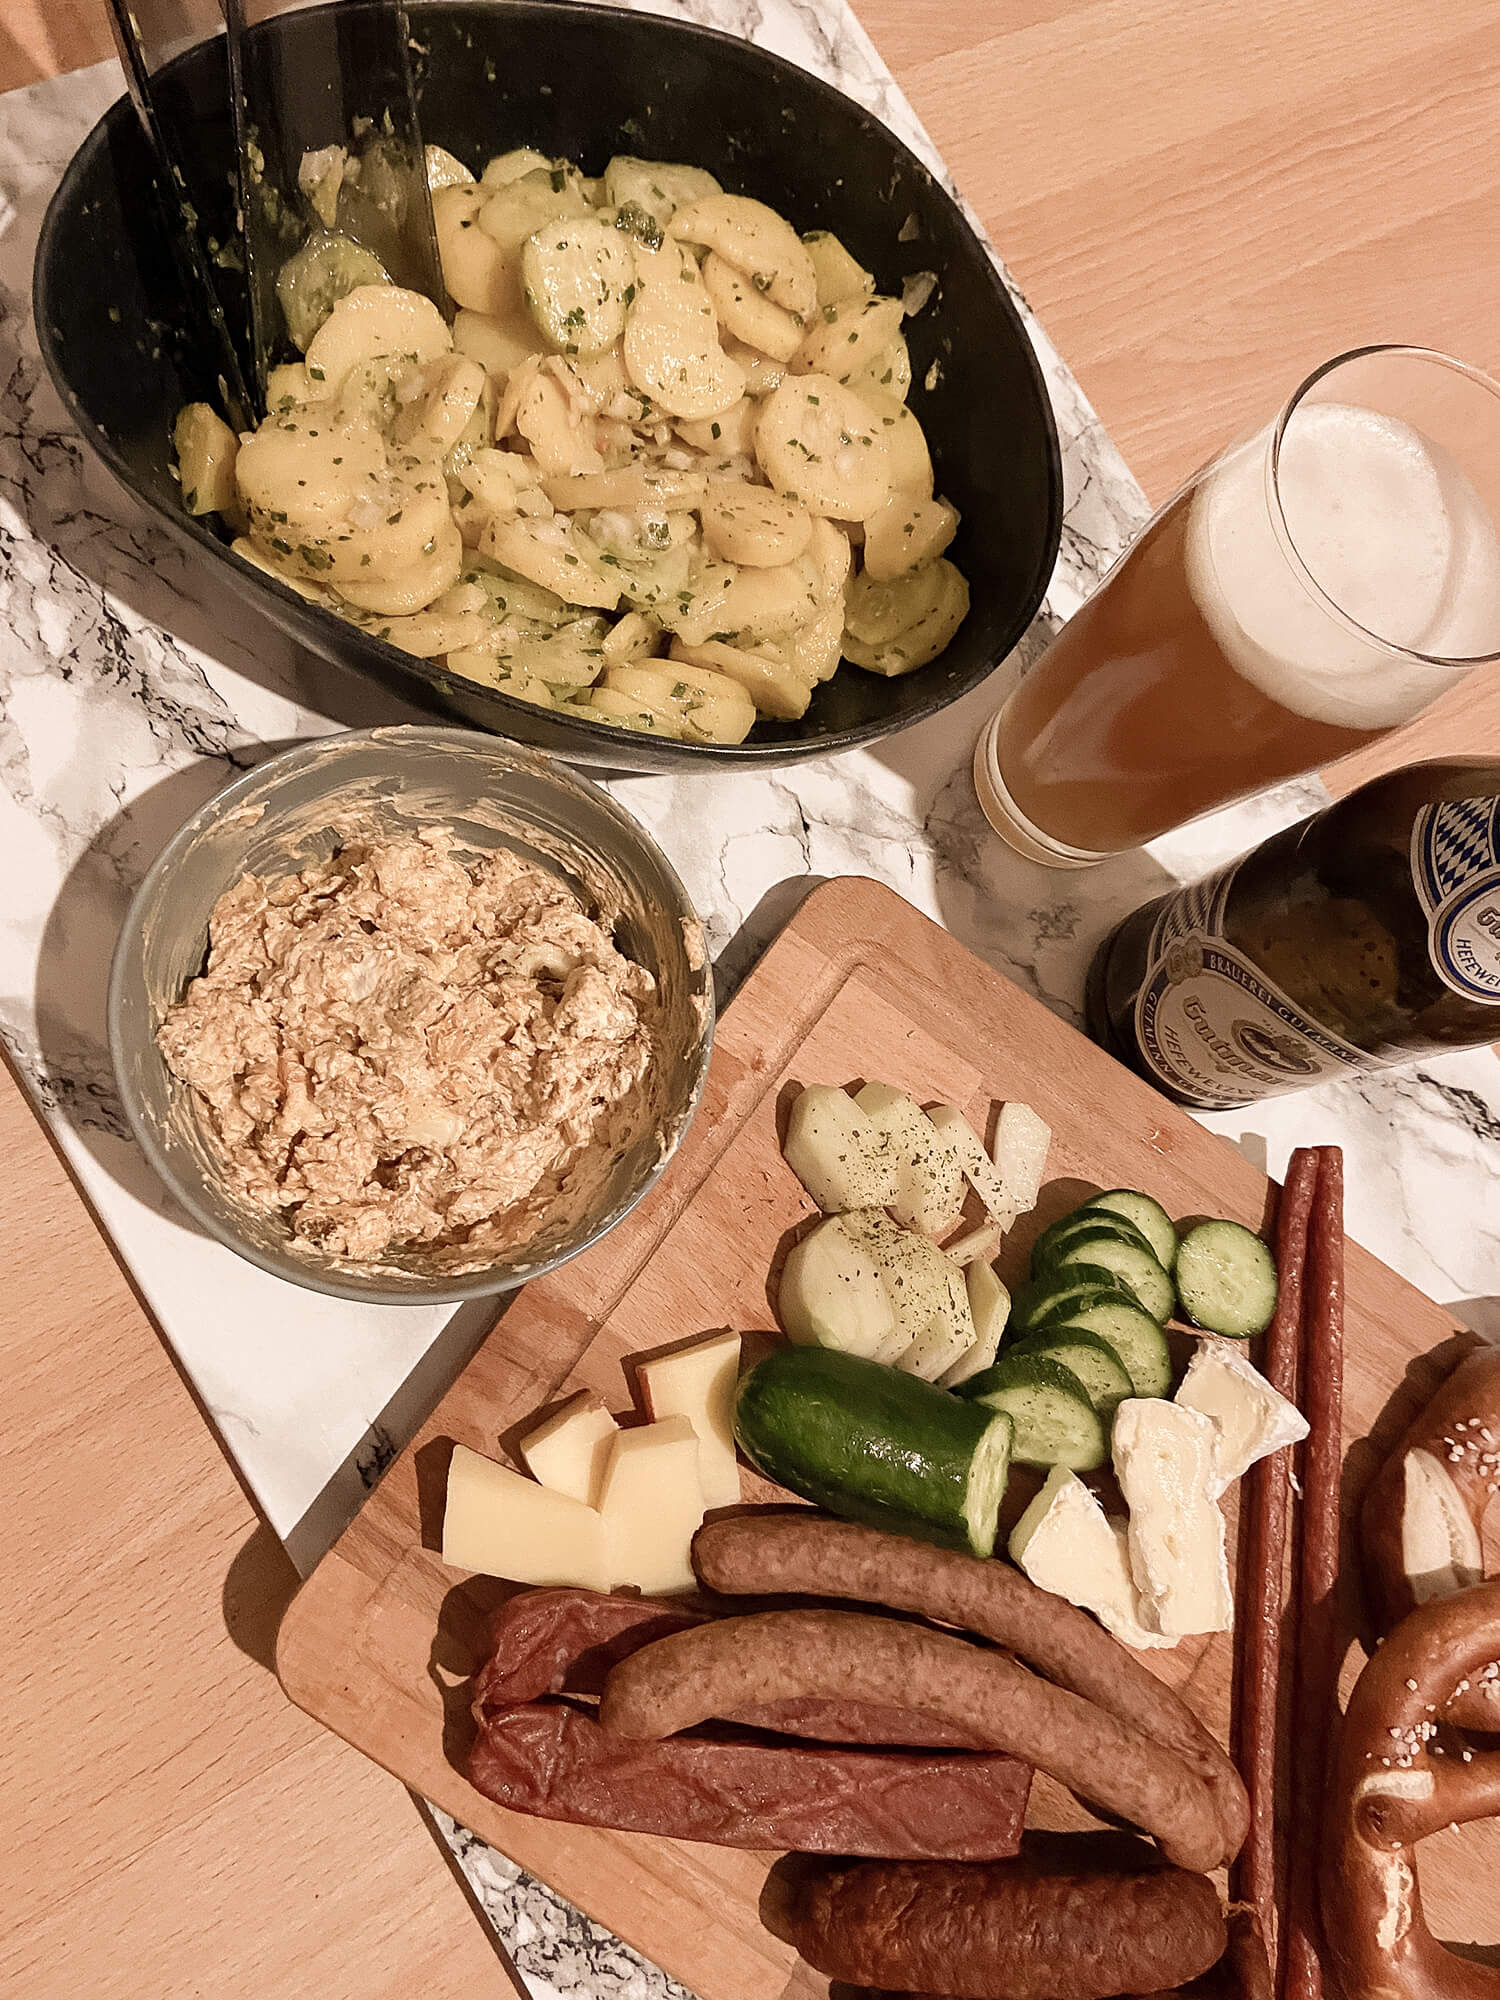 Kartoffelsalat, Obazda, Brotzeit-Brett, Bier